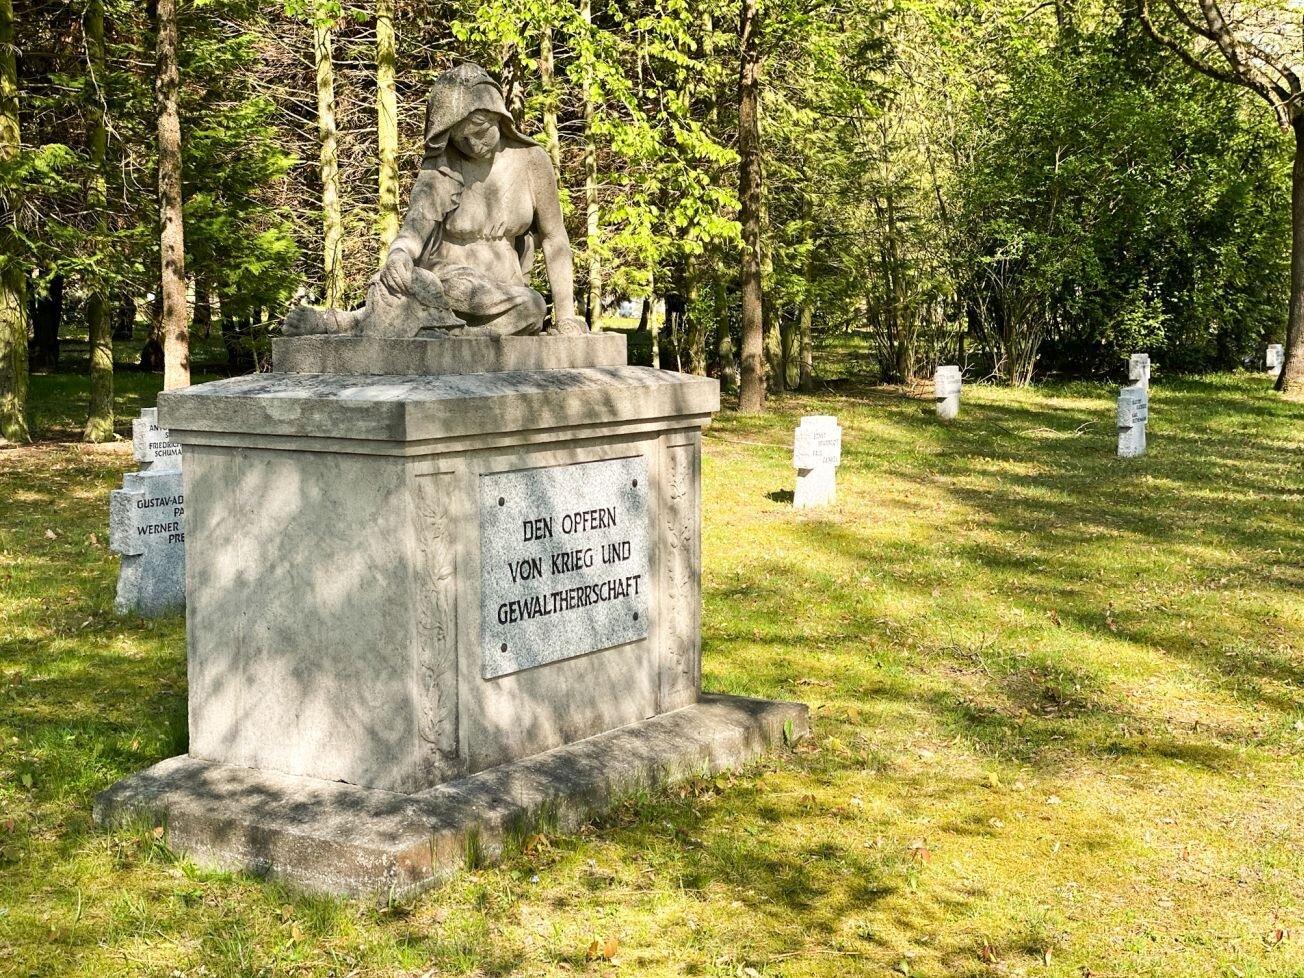 Ehrenfriedhof für die Opfer von Krieg und Gewaltherrschaft